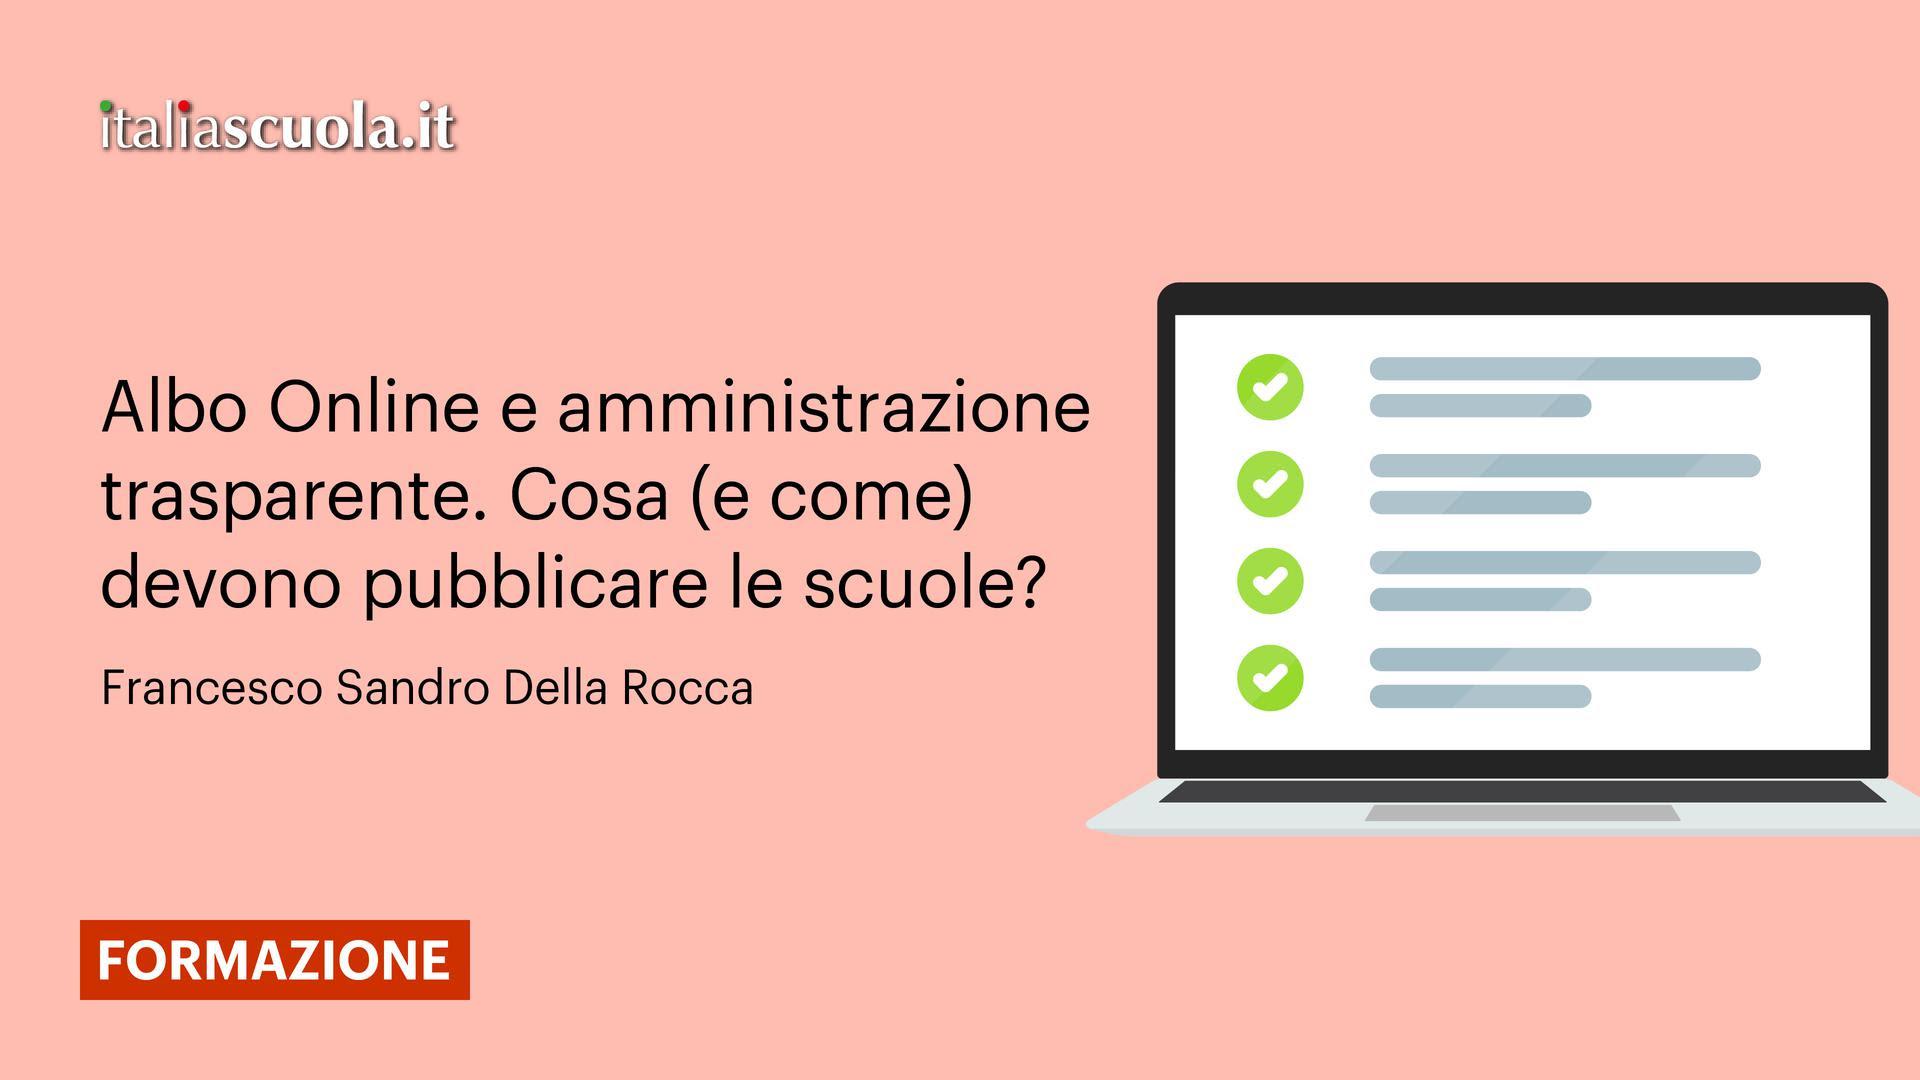 Albo Online e amministrazione trasparente. Cosa (e come) devono pubblicare le scuole?